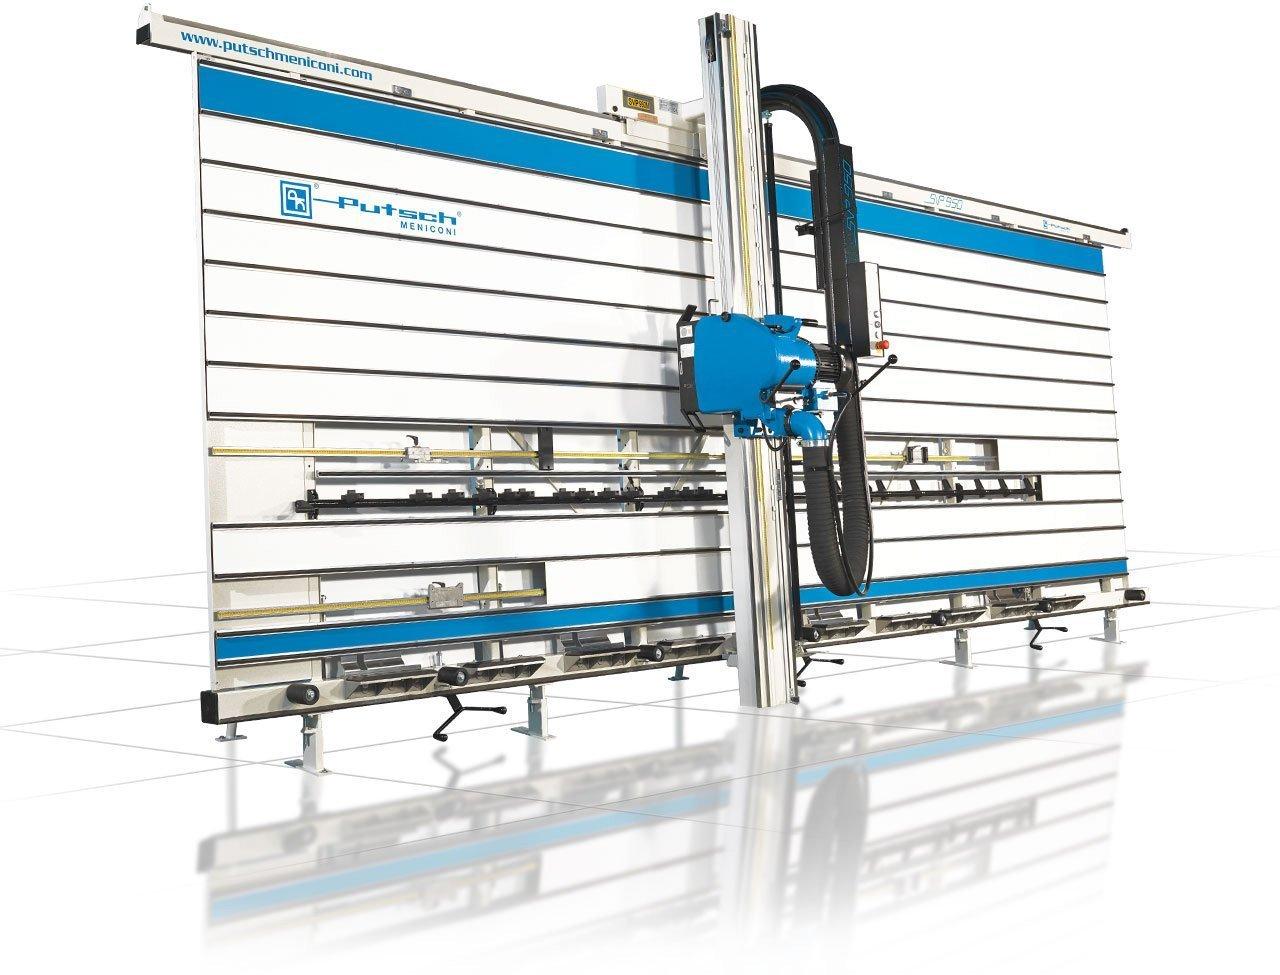 Sezionatrice verticale manuale per legno